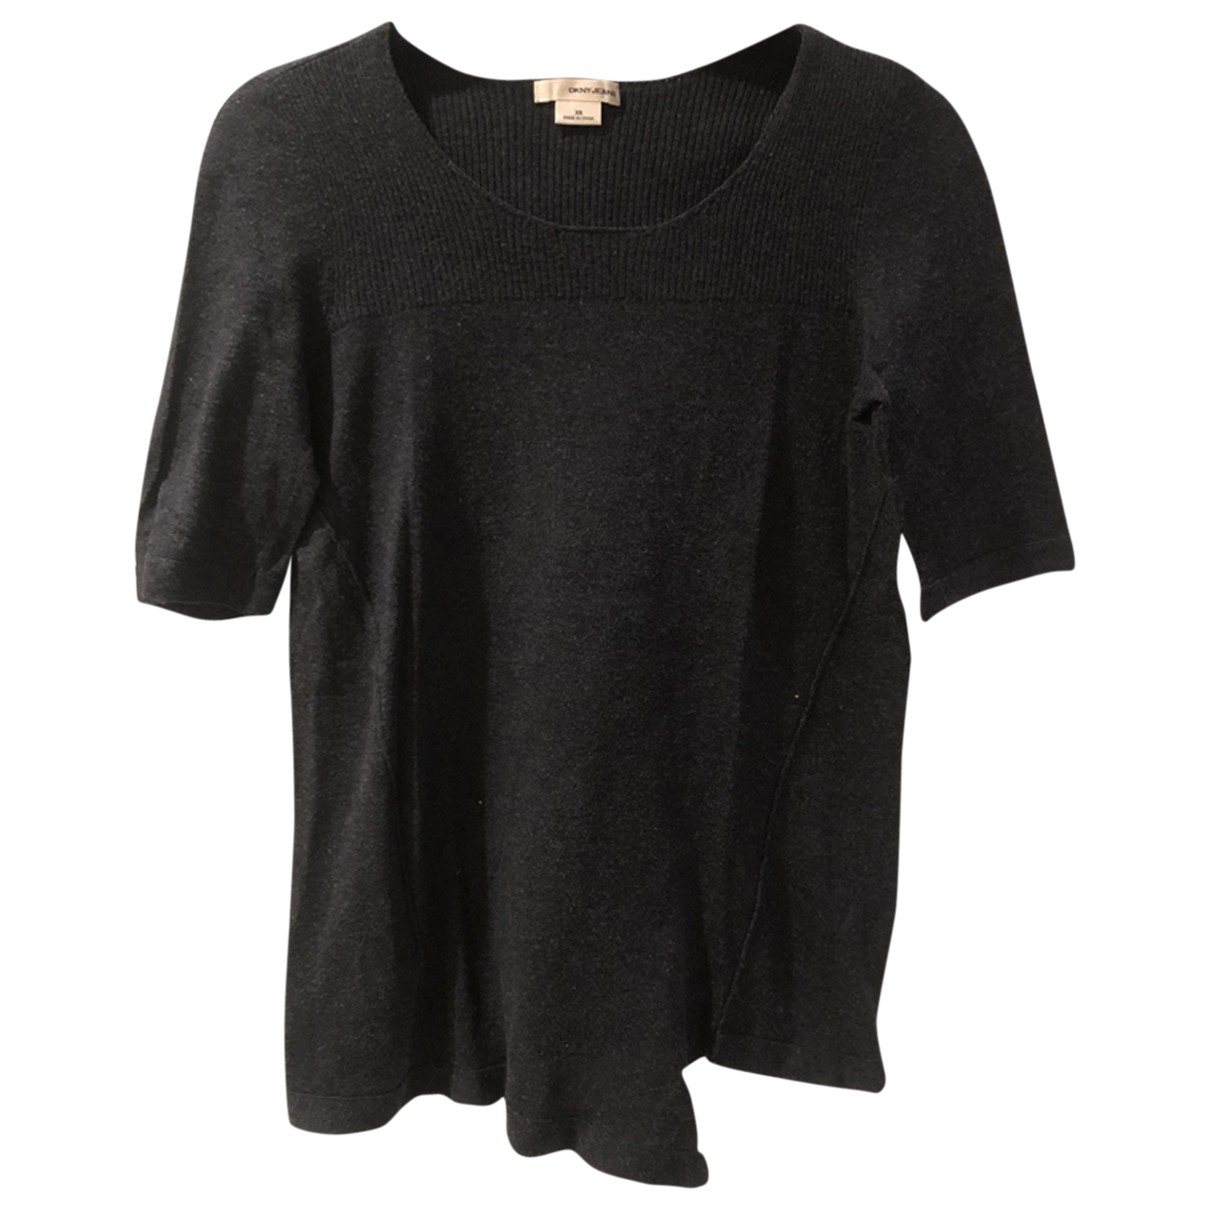 Dkny - Top   pour femme en coton - anthracite